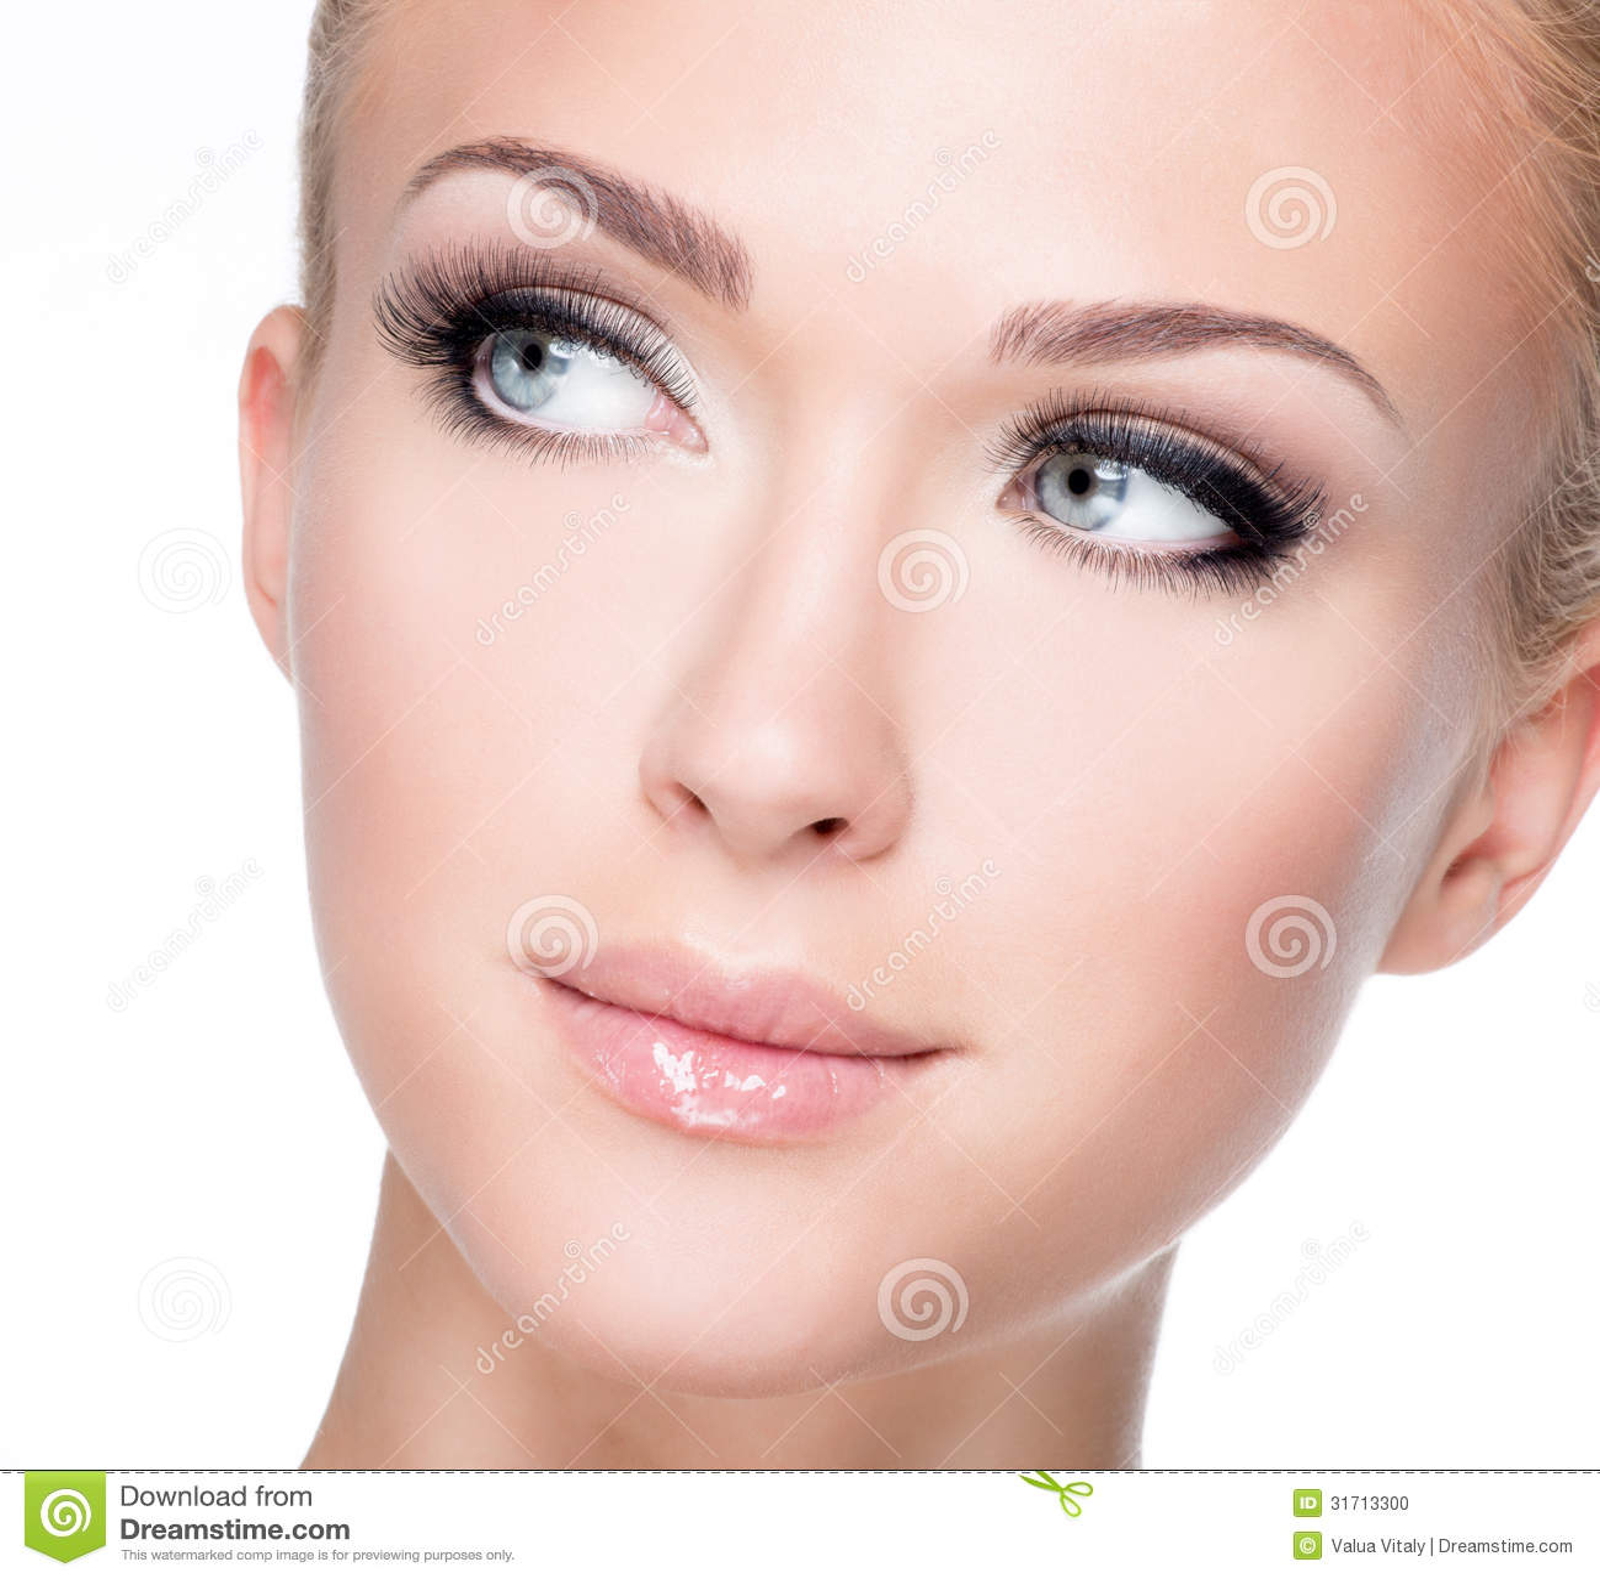 Beautiful women most white The woman